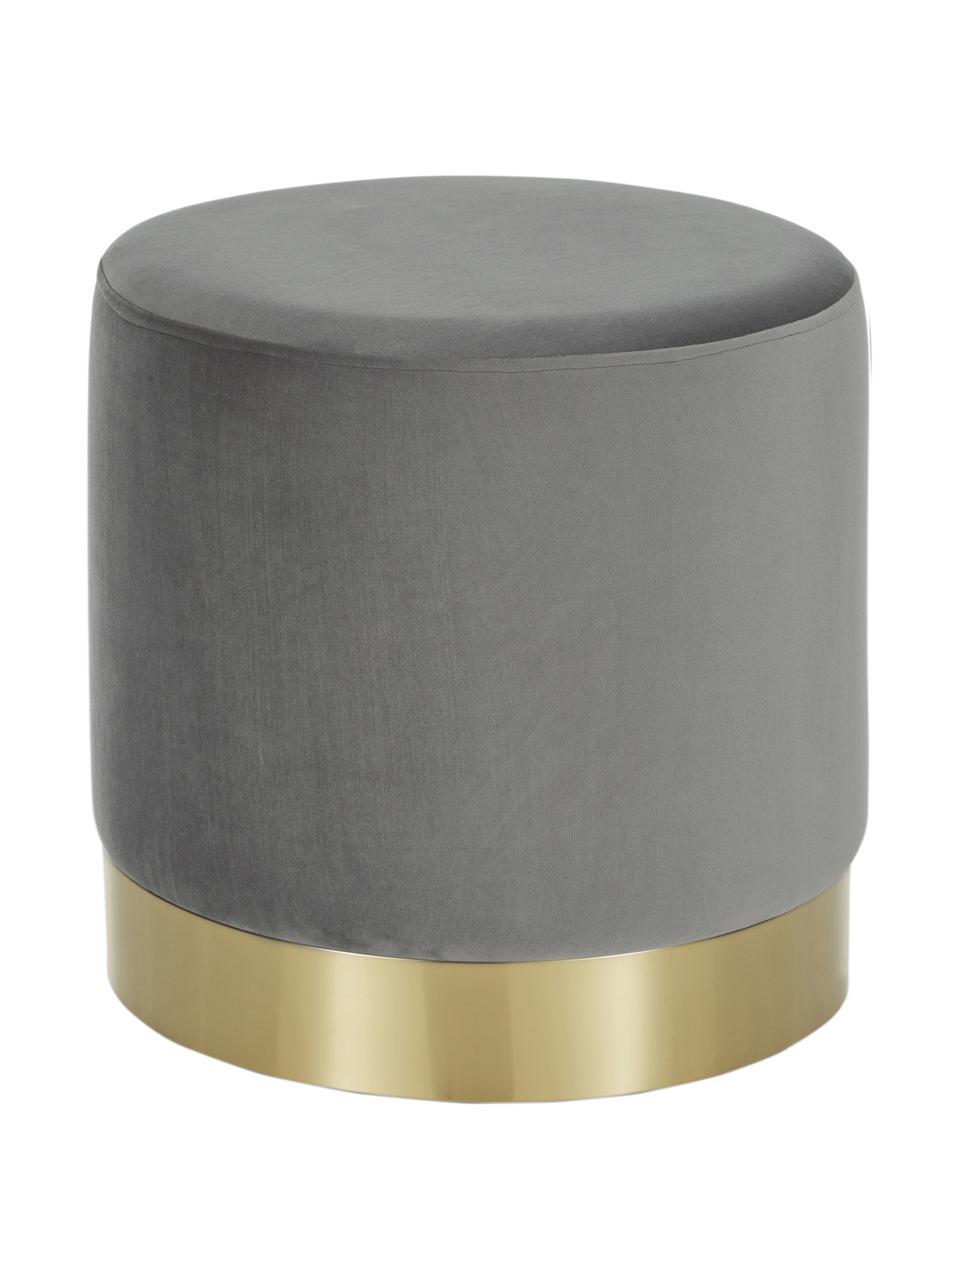 Tabouret velours Orchid, Revêtement: gris Socle: couleur dorée